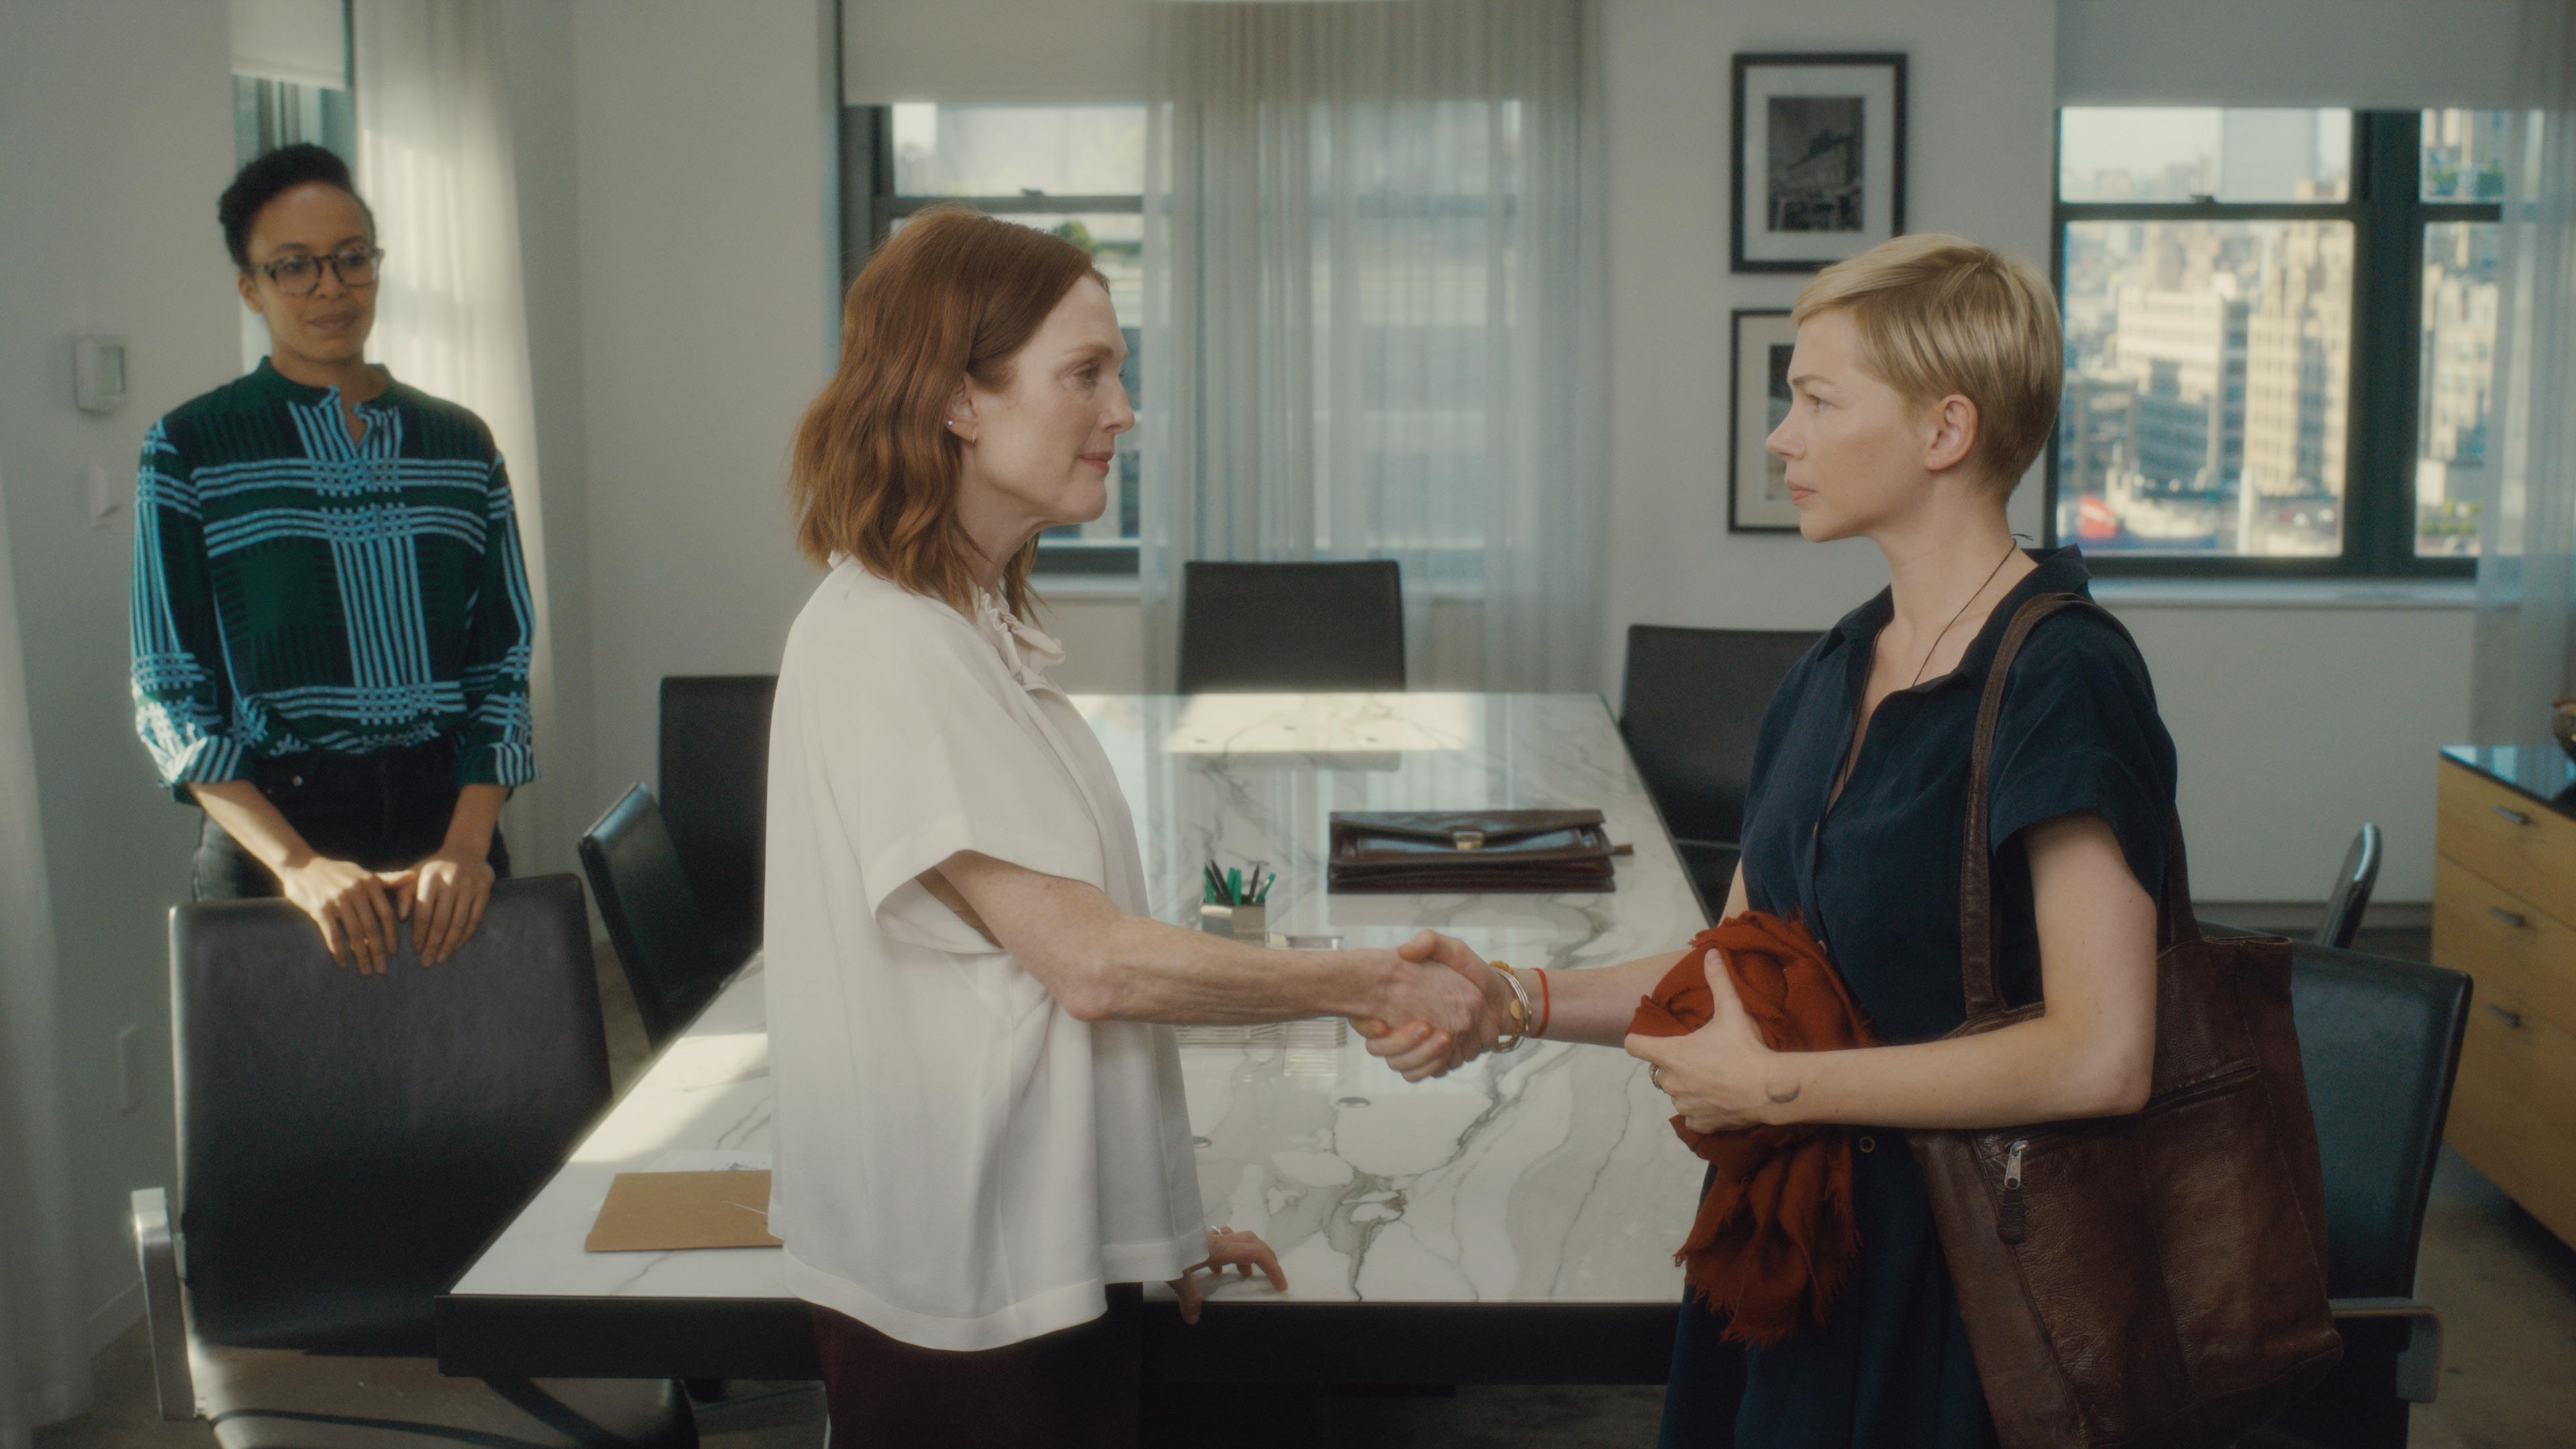 茱莉安摩爾力邀蜜雪兒威廉絲 雙影后同台飆戲  自製自演動人新作《你願意嫁給我老公嗎?》8月30日上映